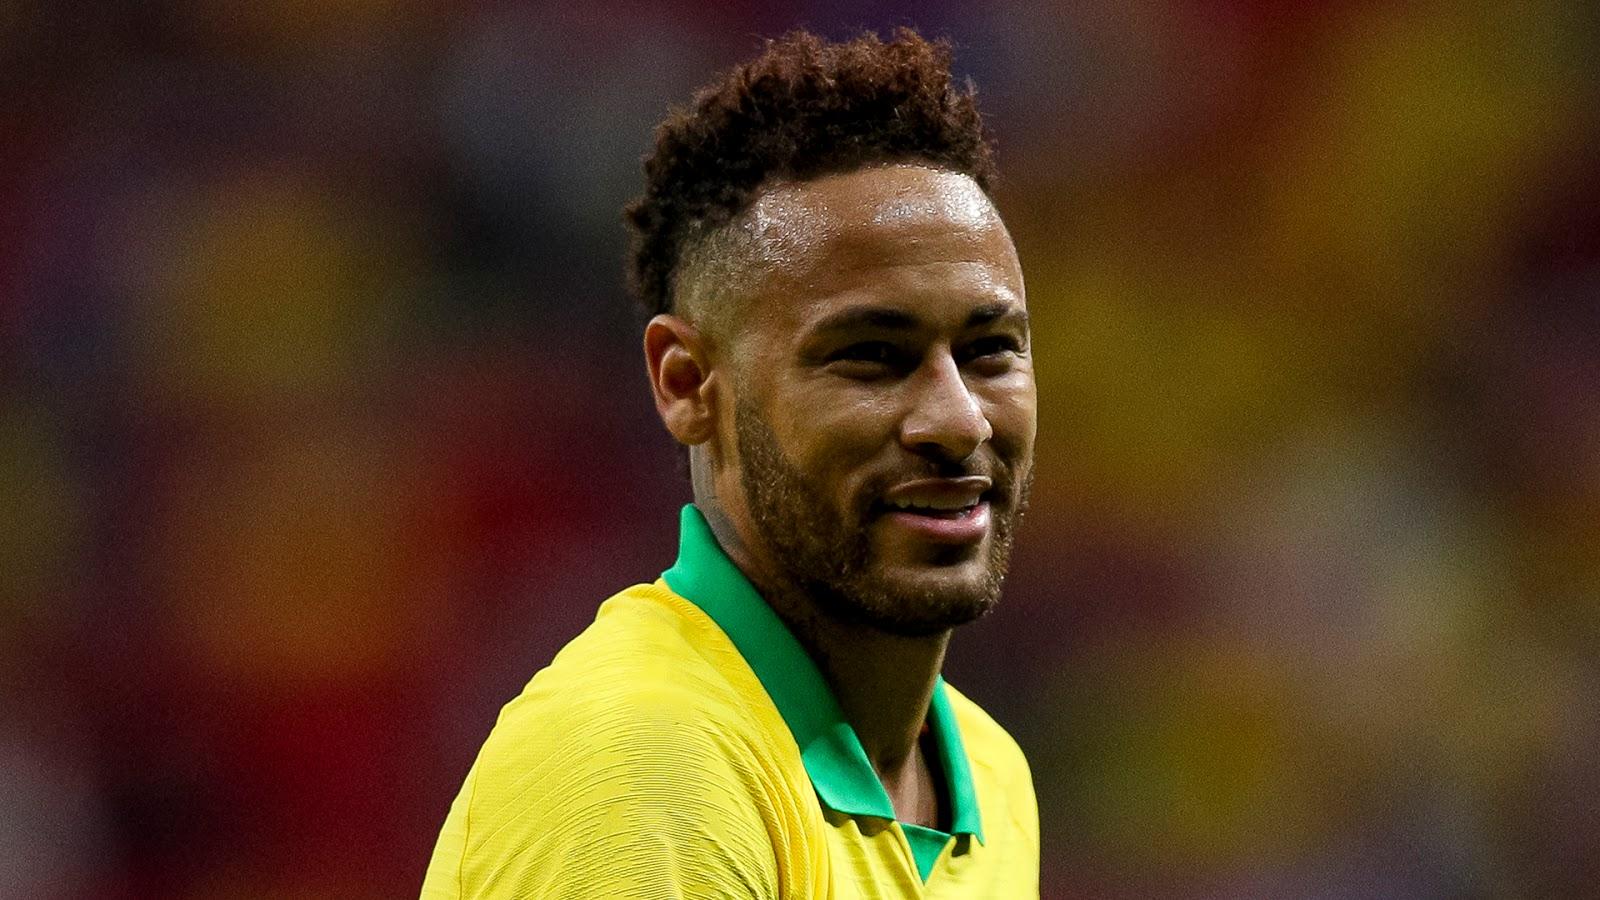 نتيجة مباراة البرازيل ونيجيريا بتاريخ 13-10-2019 مباراة ودية